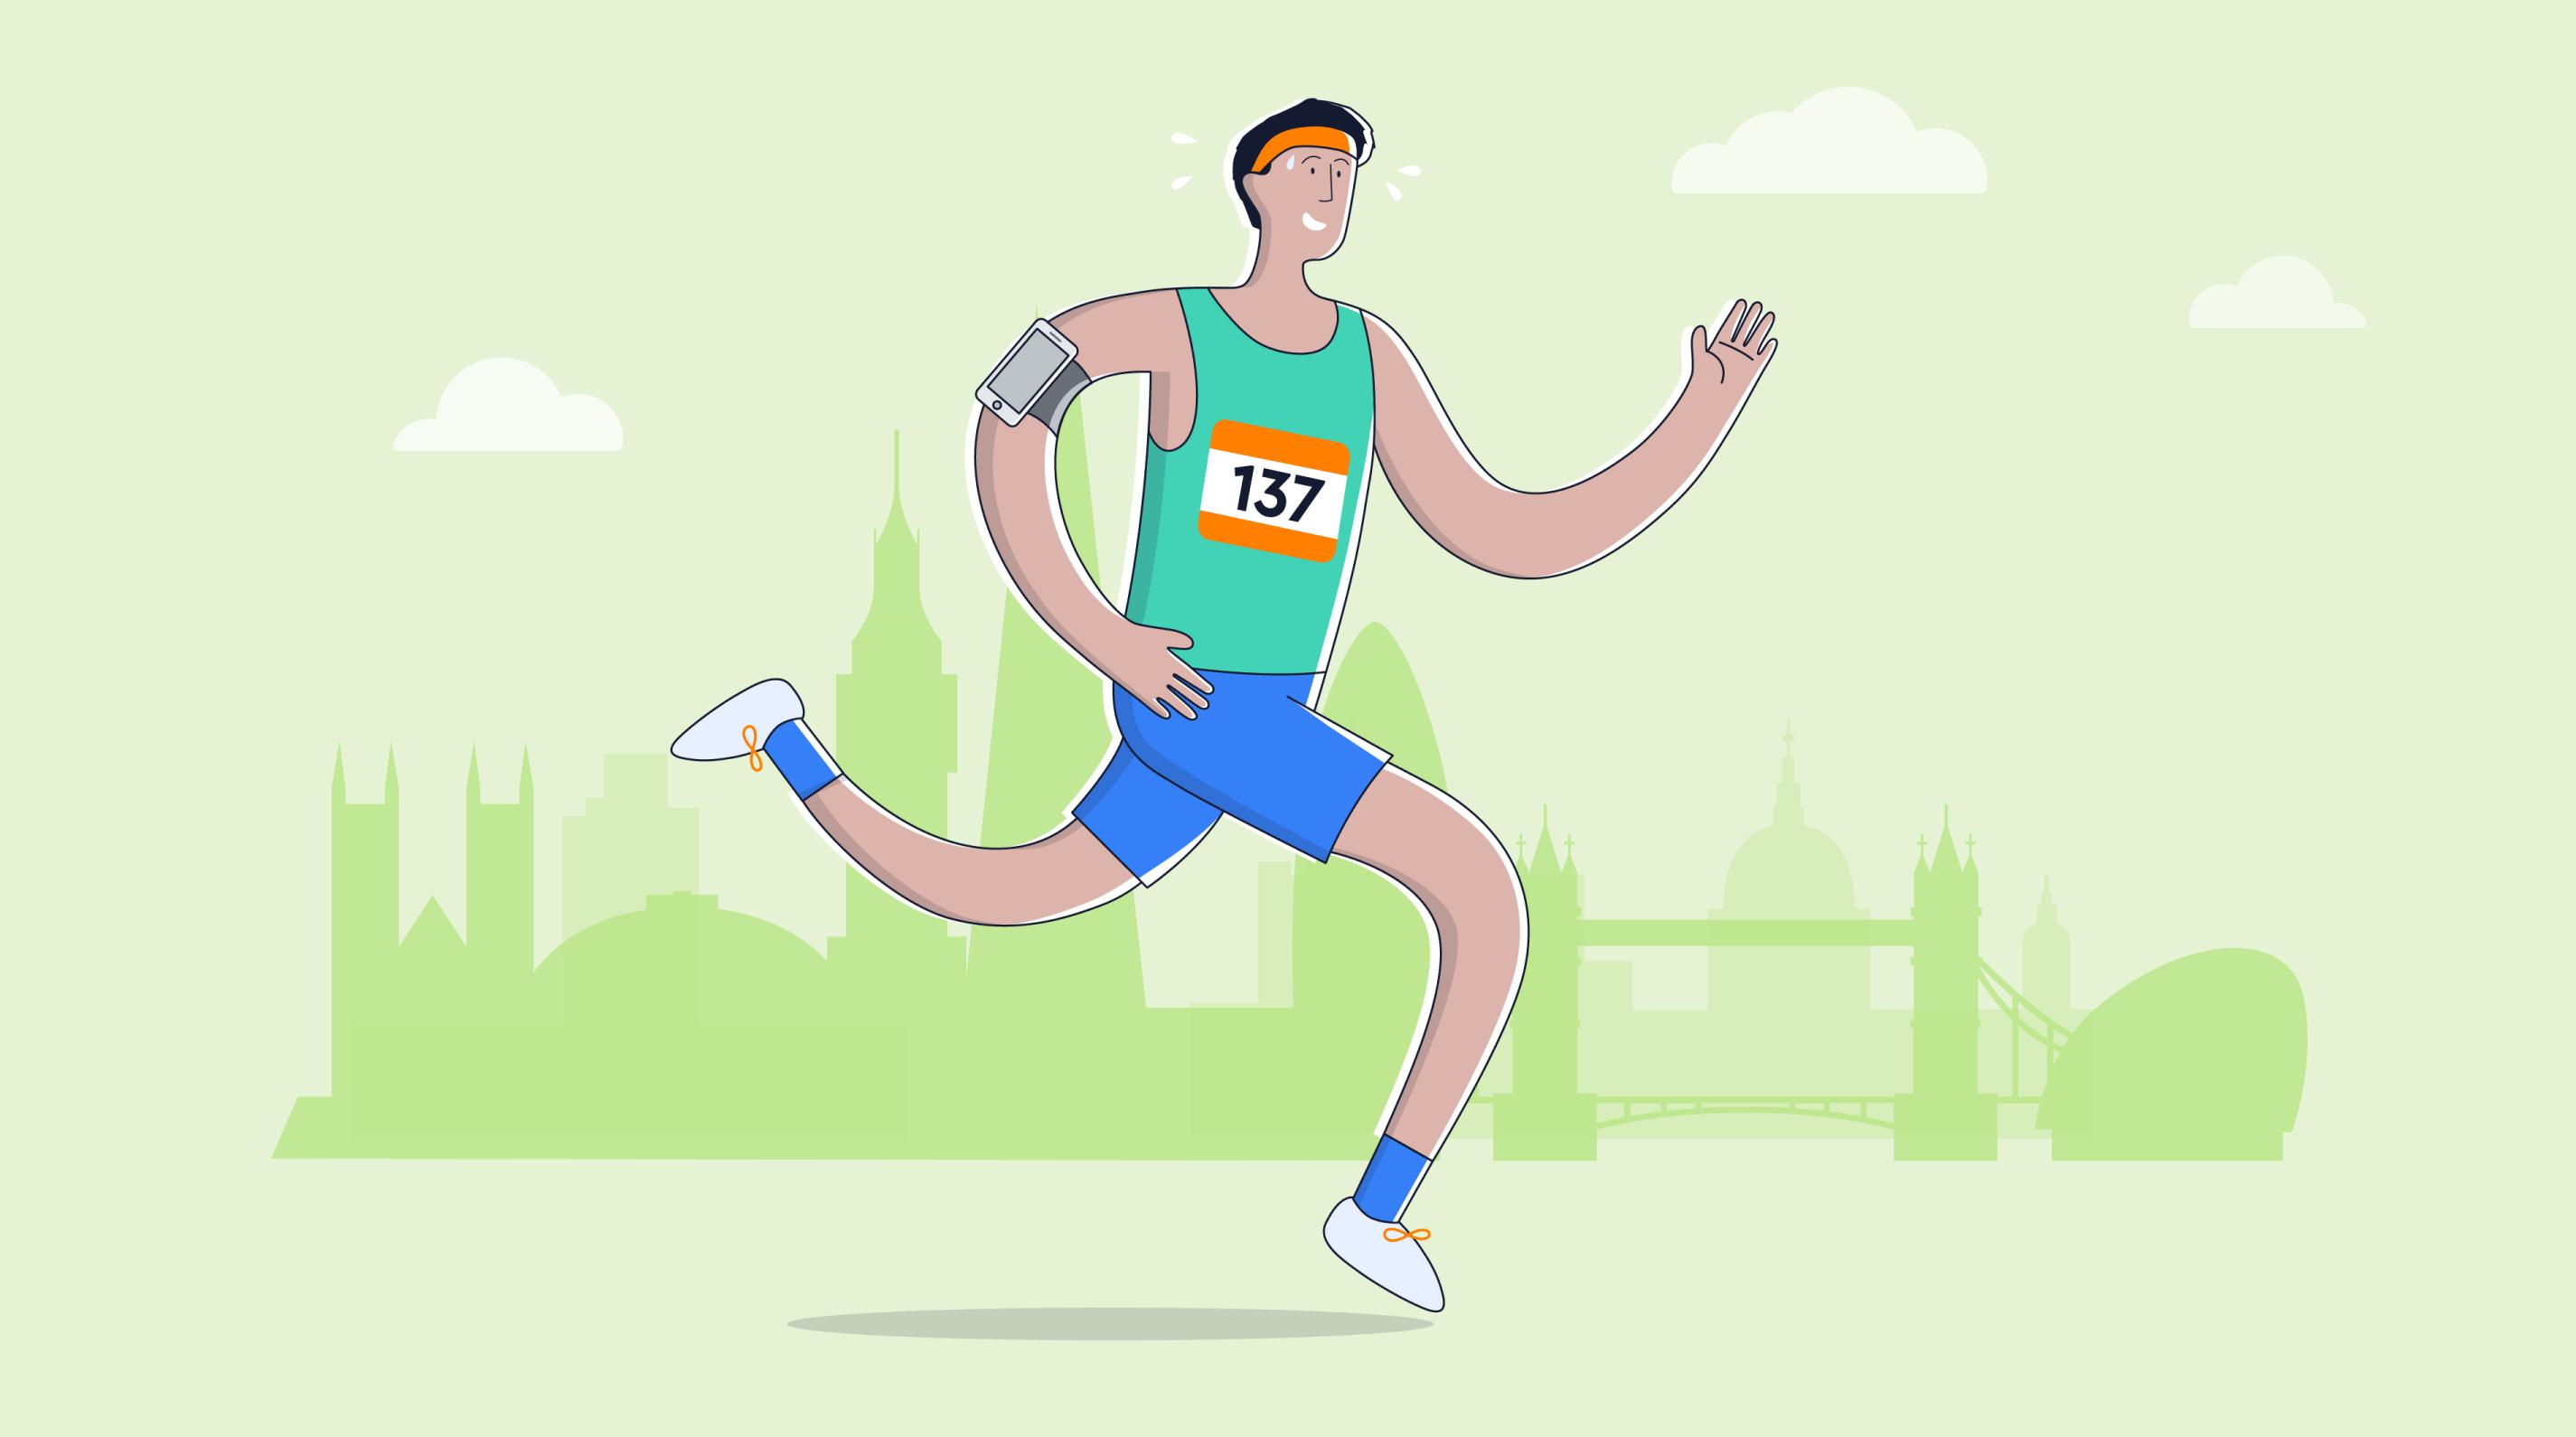 London Marathon update for charities